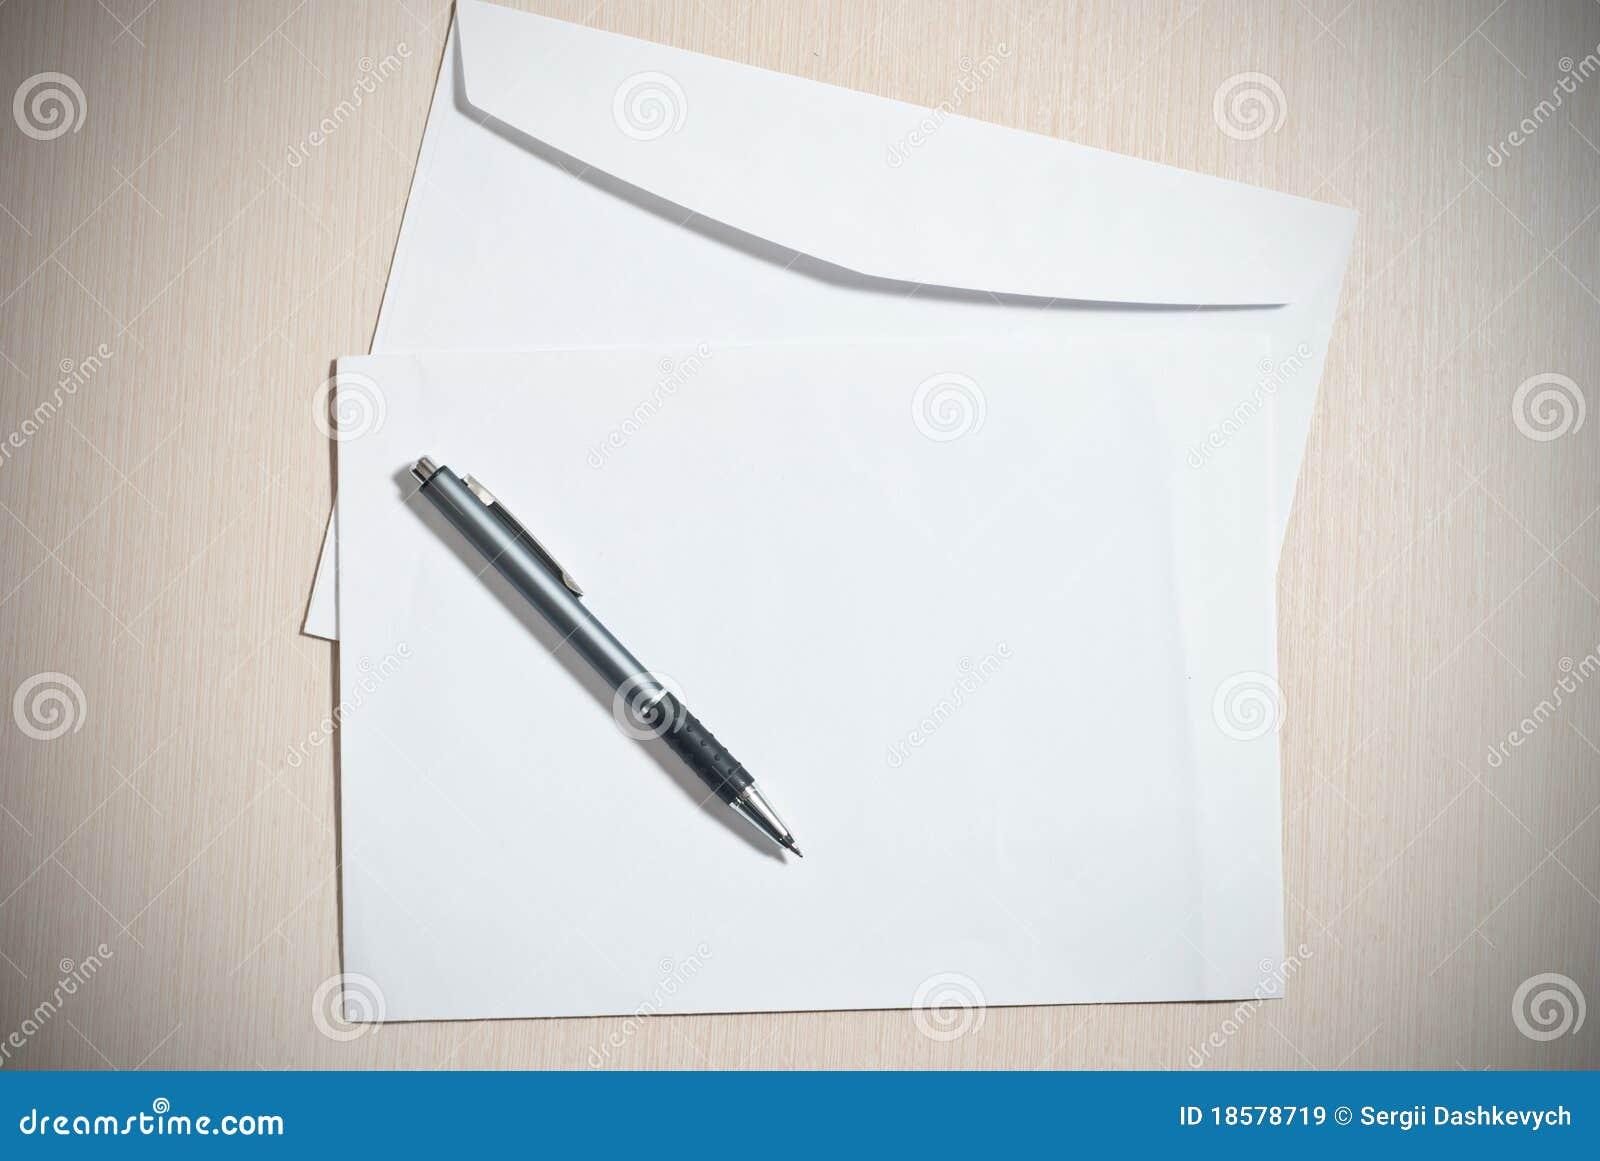 Enveloppen royalty vrije stock afbeeldingen afbeelding 18578719 - Secretaresse witte ...